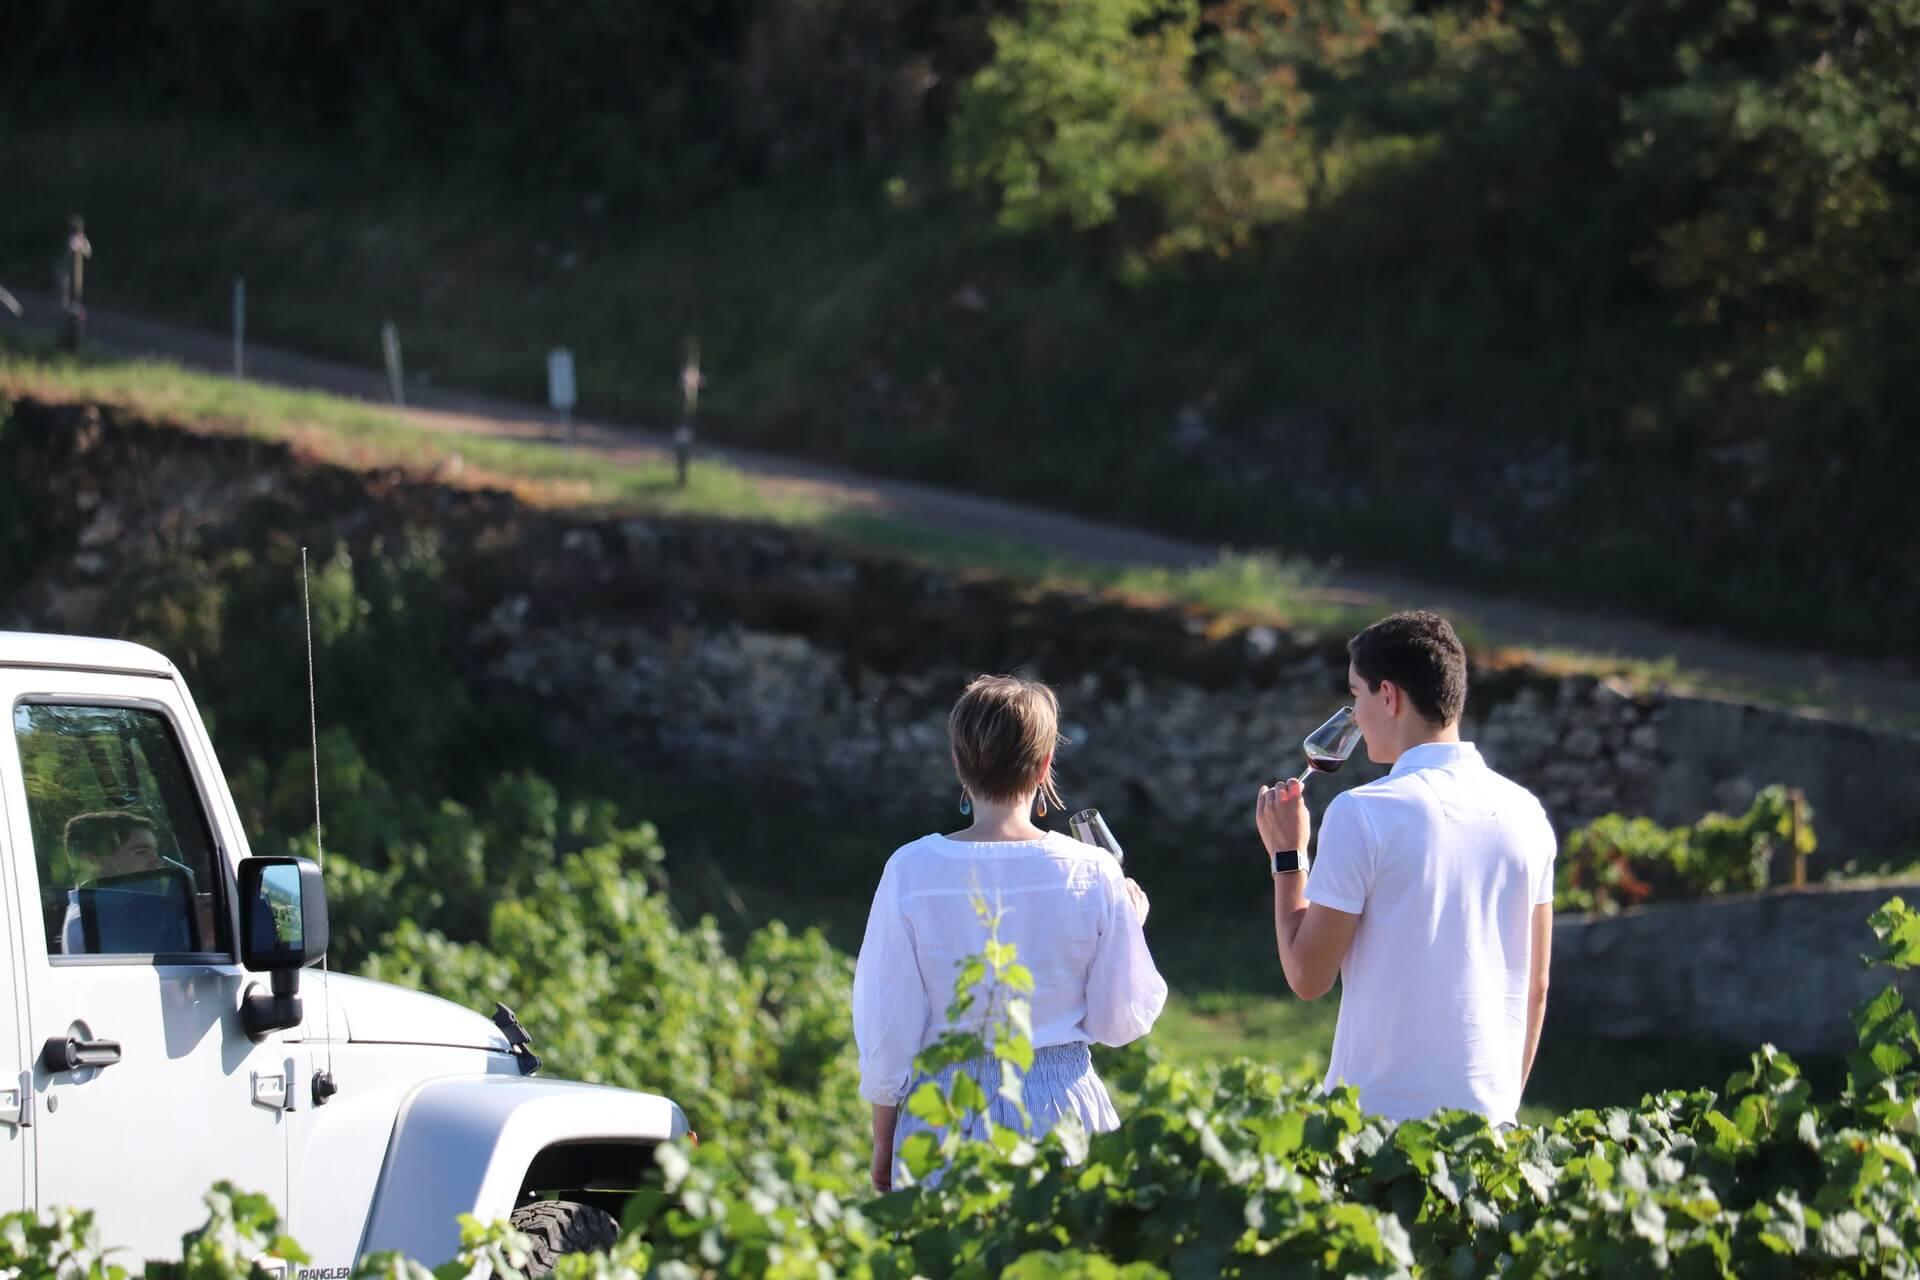 Des dégustations au coeur des vignes avec Sensation Vin - Sensation Vin © Sensation Vin